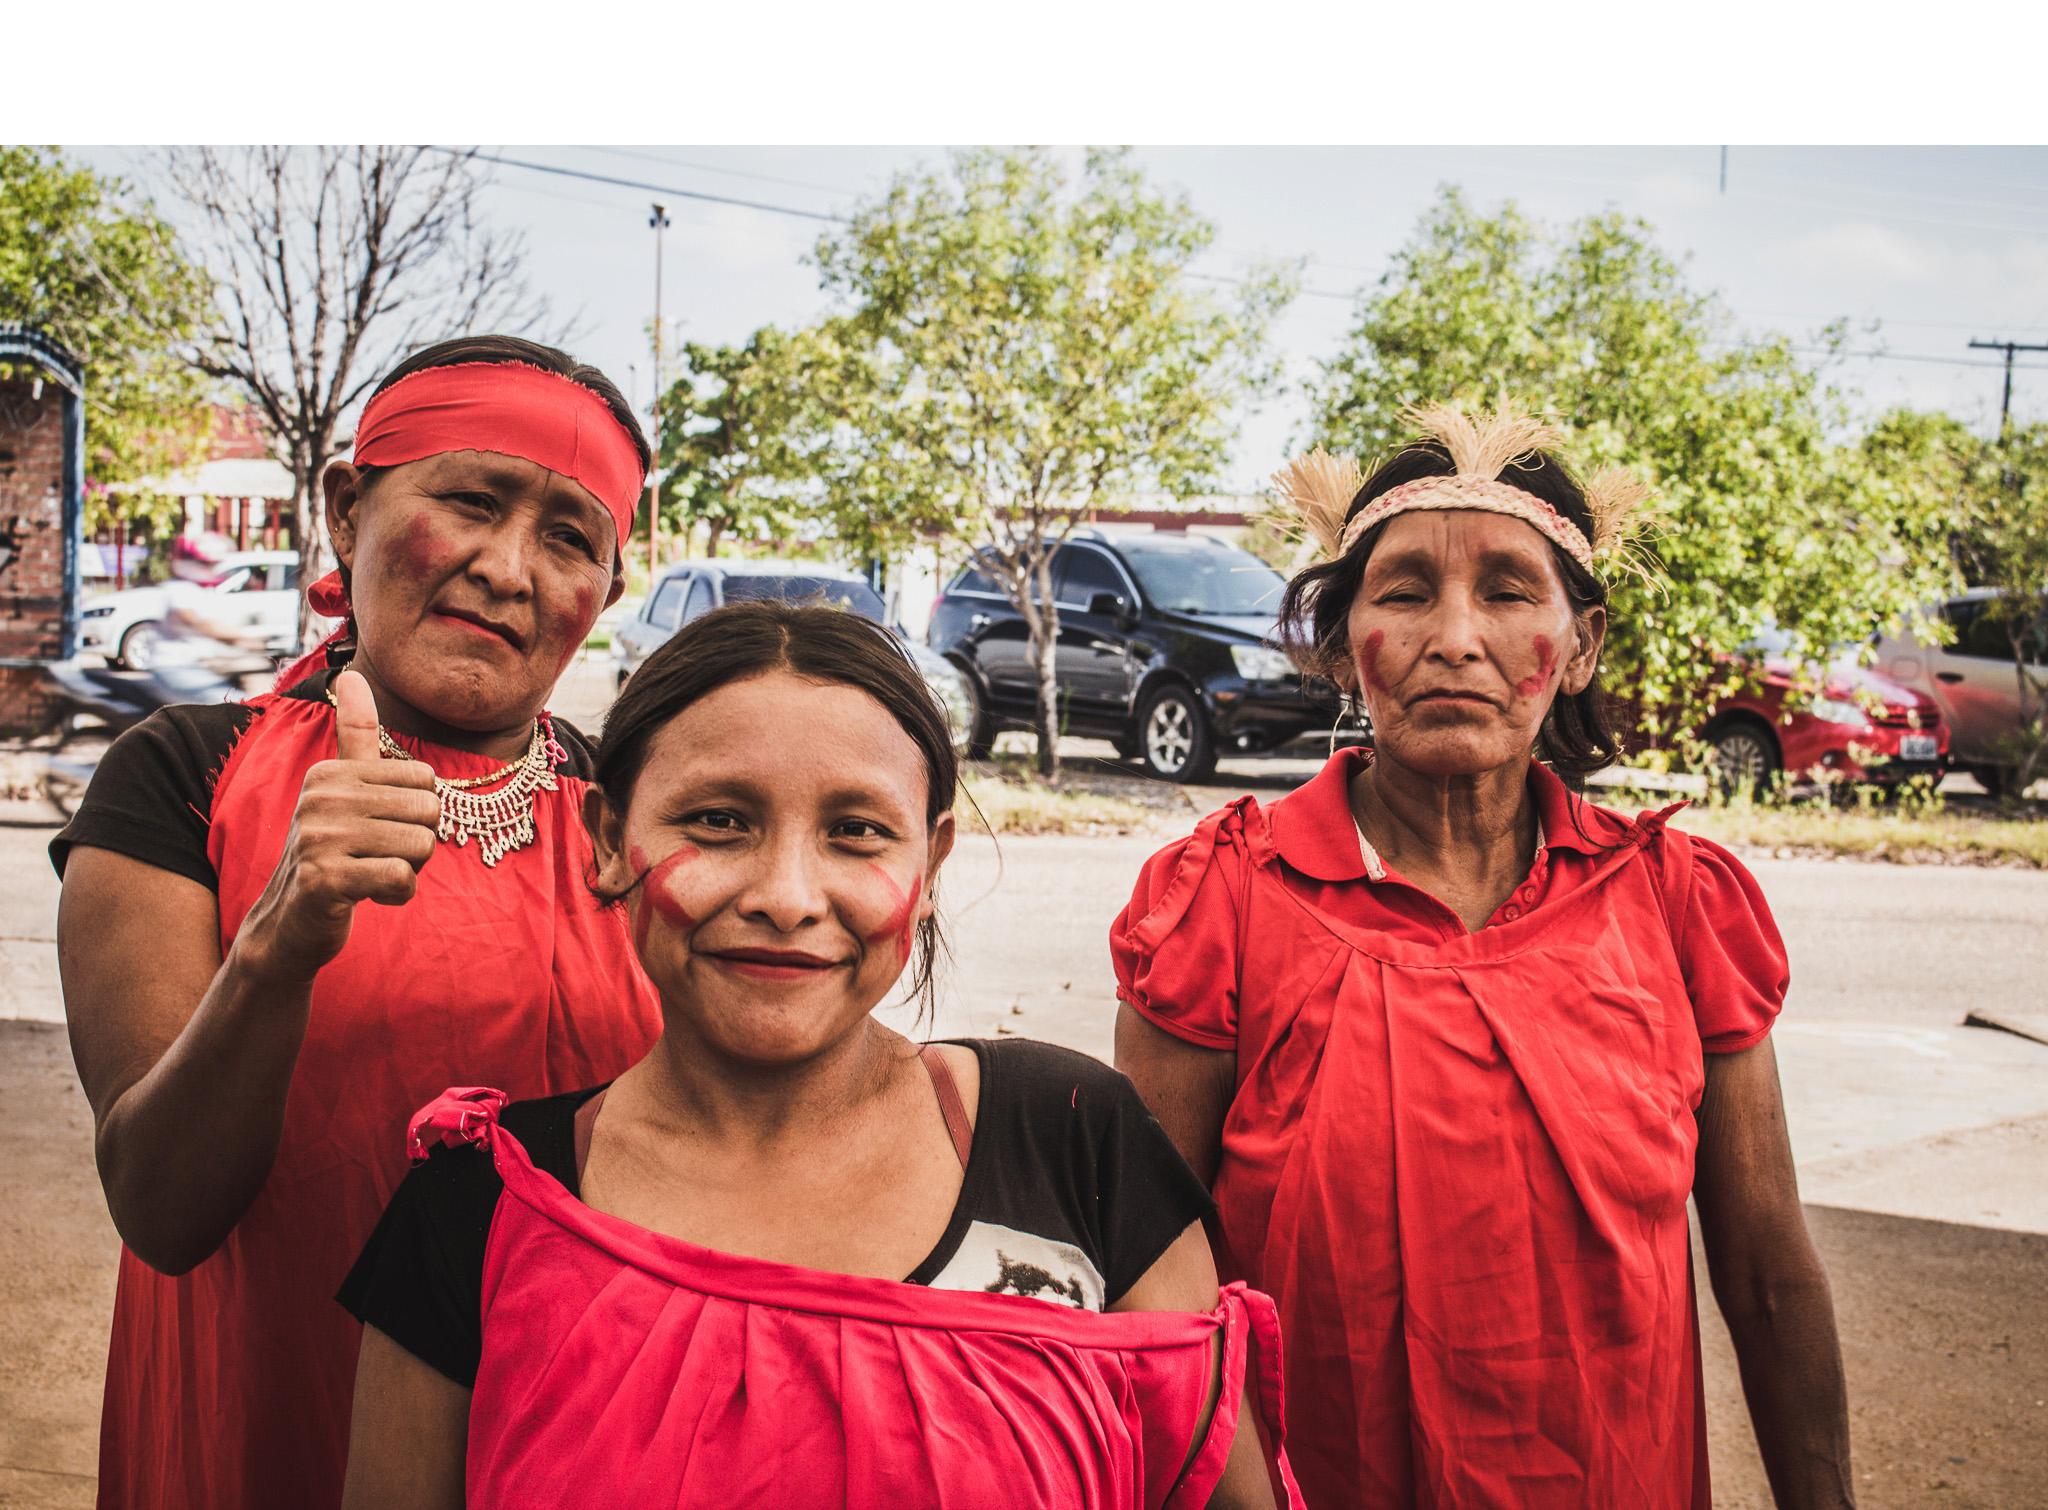 Migrante cidadão: a dinâmica dos deslocamentos dos índios Warao na Amazônia